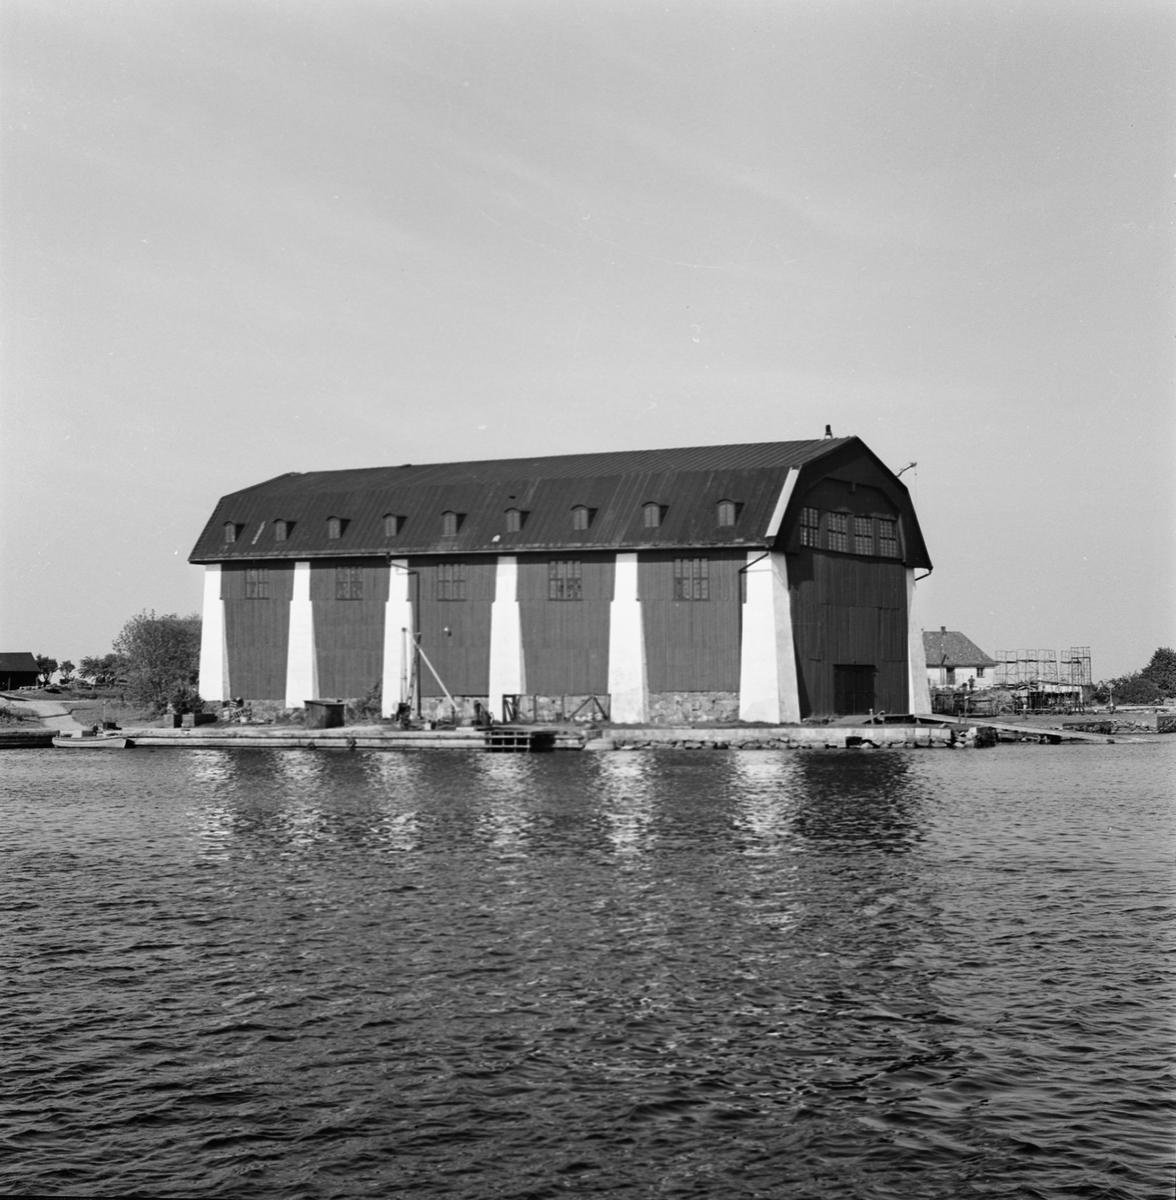 Övrigt: Fotodatum:31/5 1963 Byggnader och Kranar.Wasaskjulet ext. fr. öster. Närmast identisk bild: V24205, ej skannad